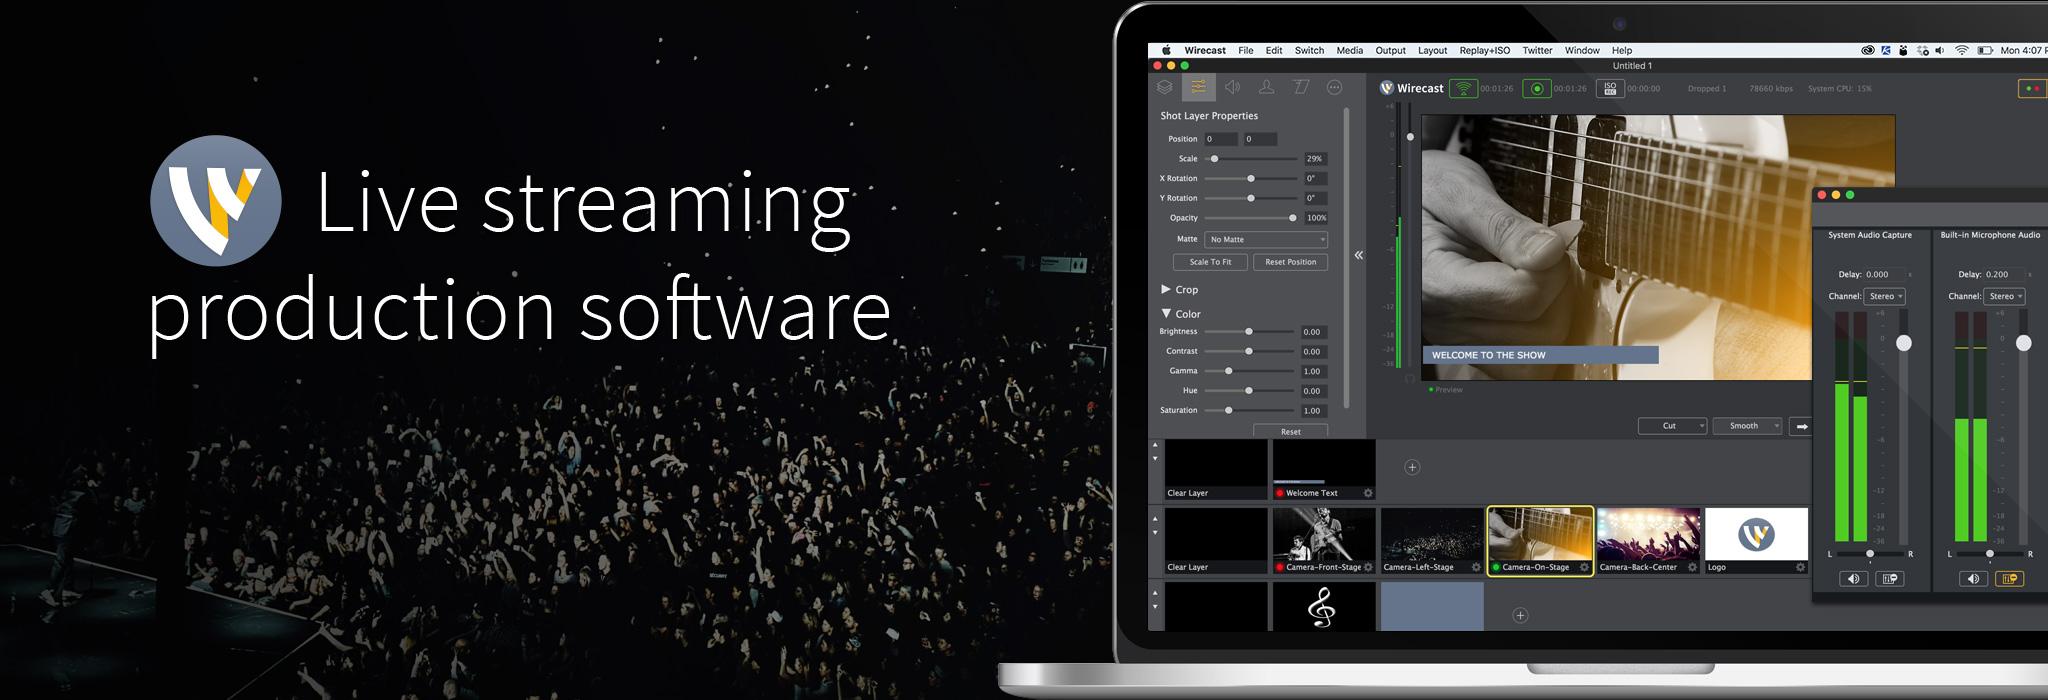 Wirecast Pro for Mac 8.2.0 破解版 - 专业摄像直播视频工具